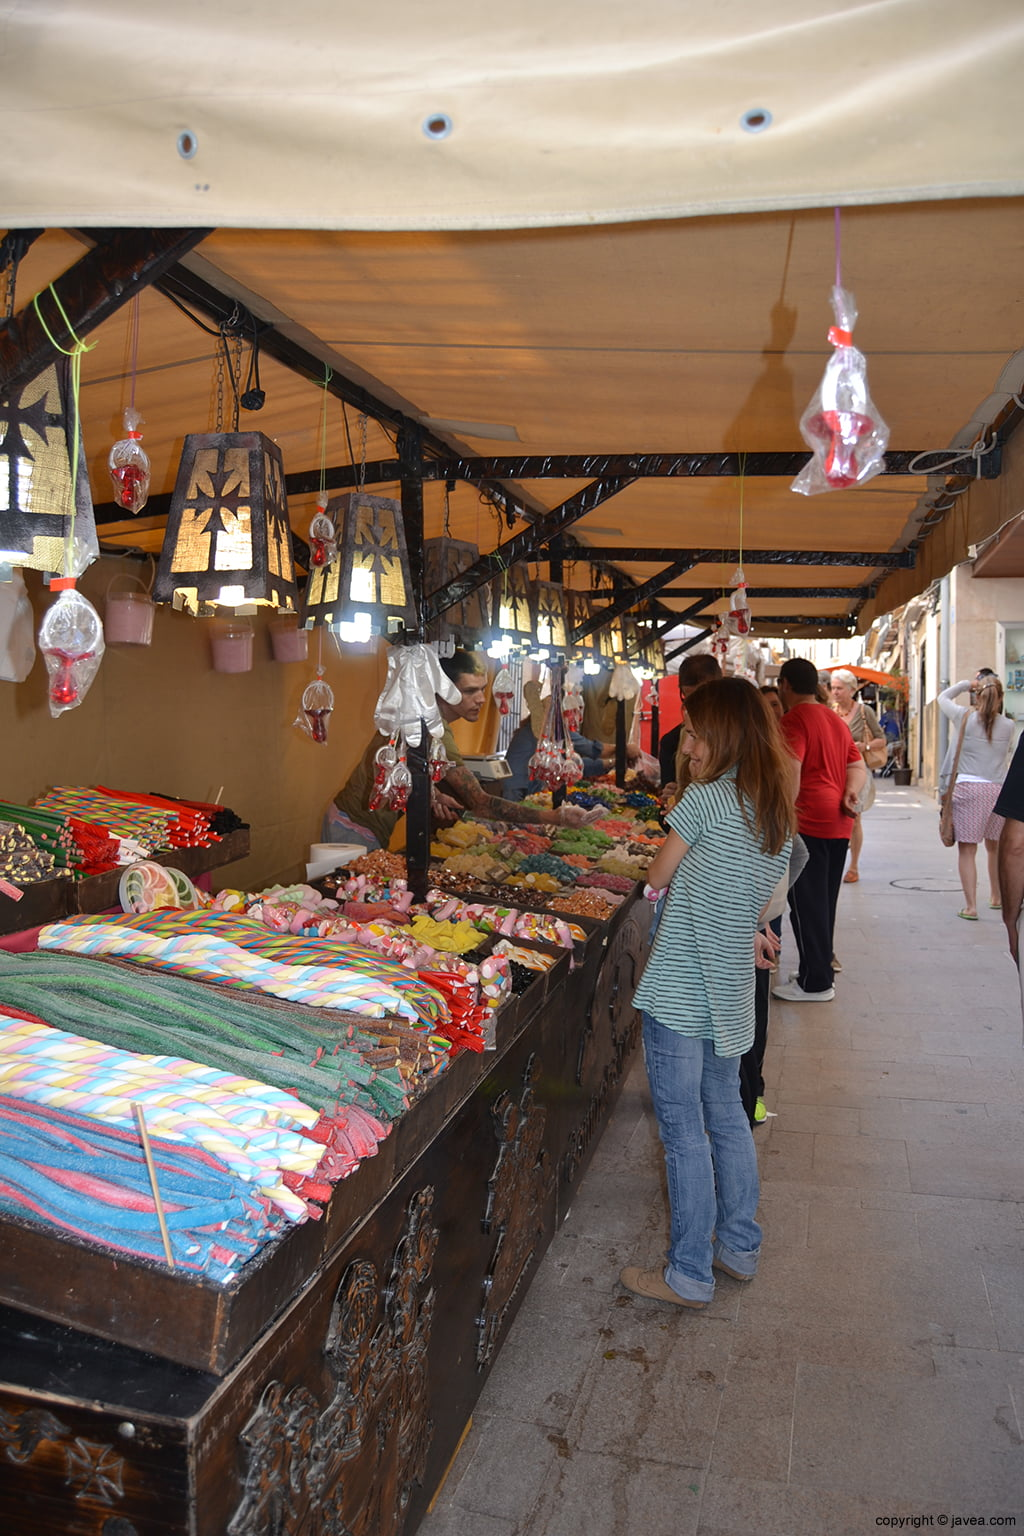 Puesto de gominolas artesanas en la Feria de Semana Santa de Jávea